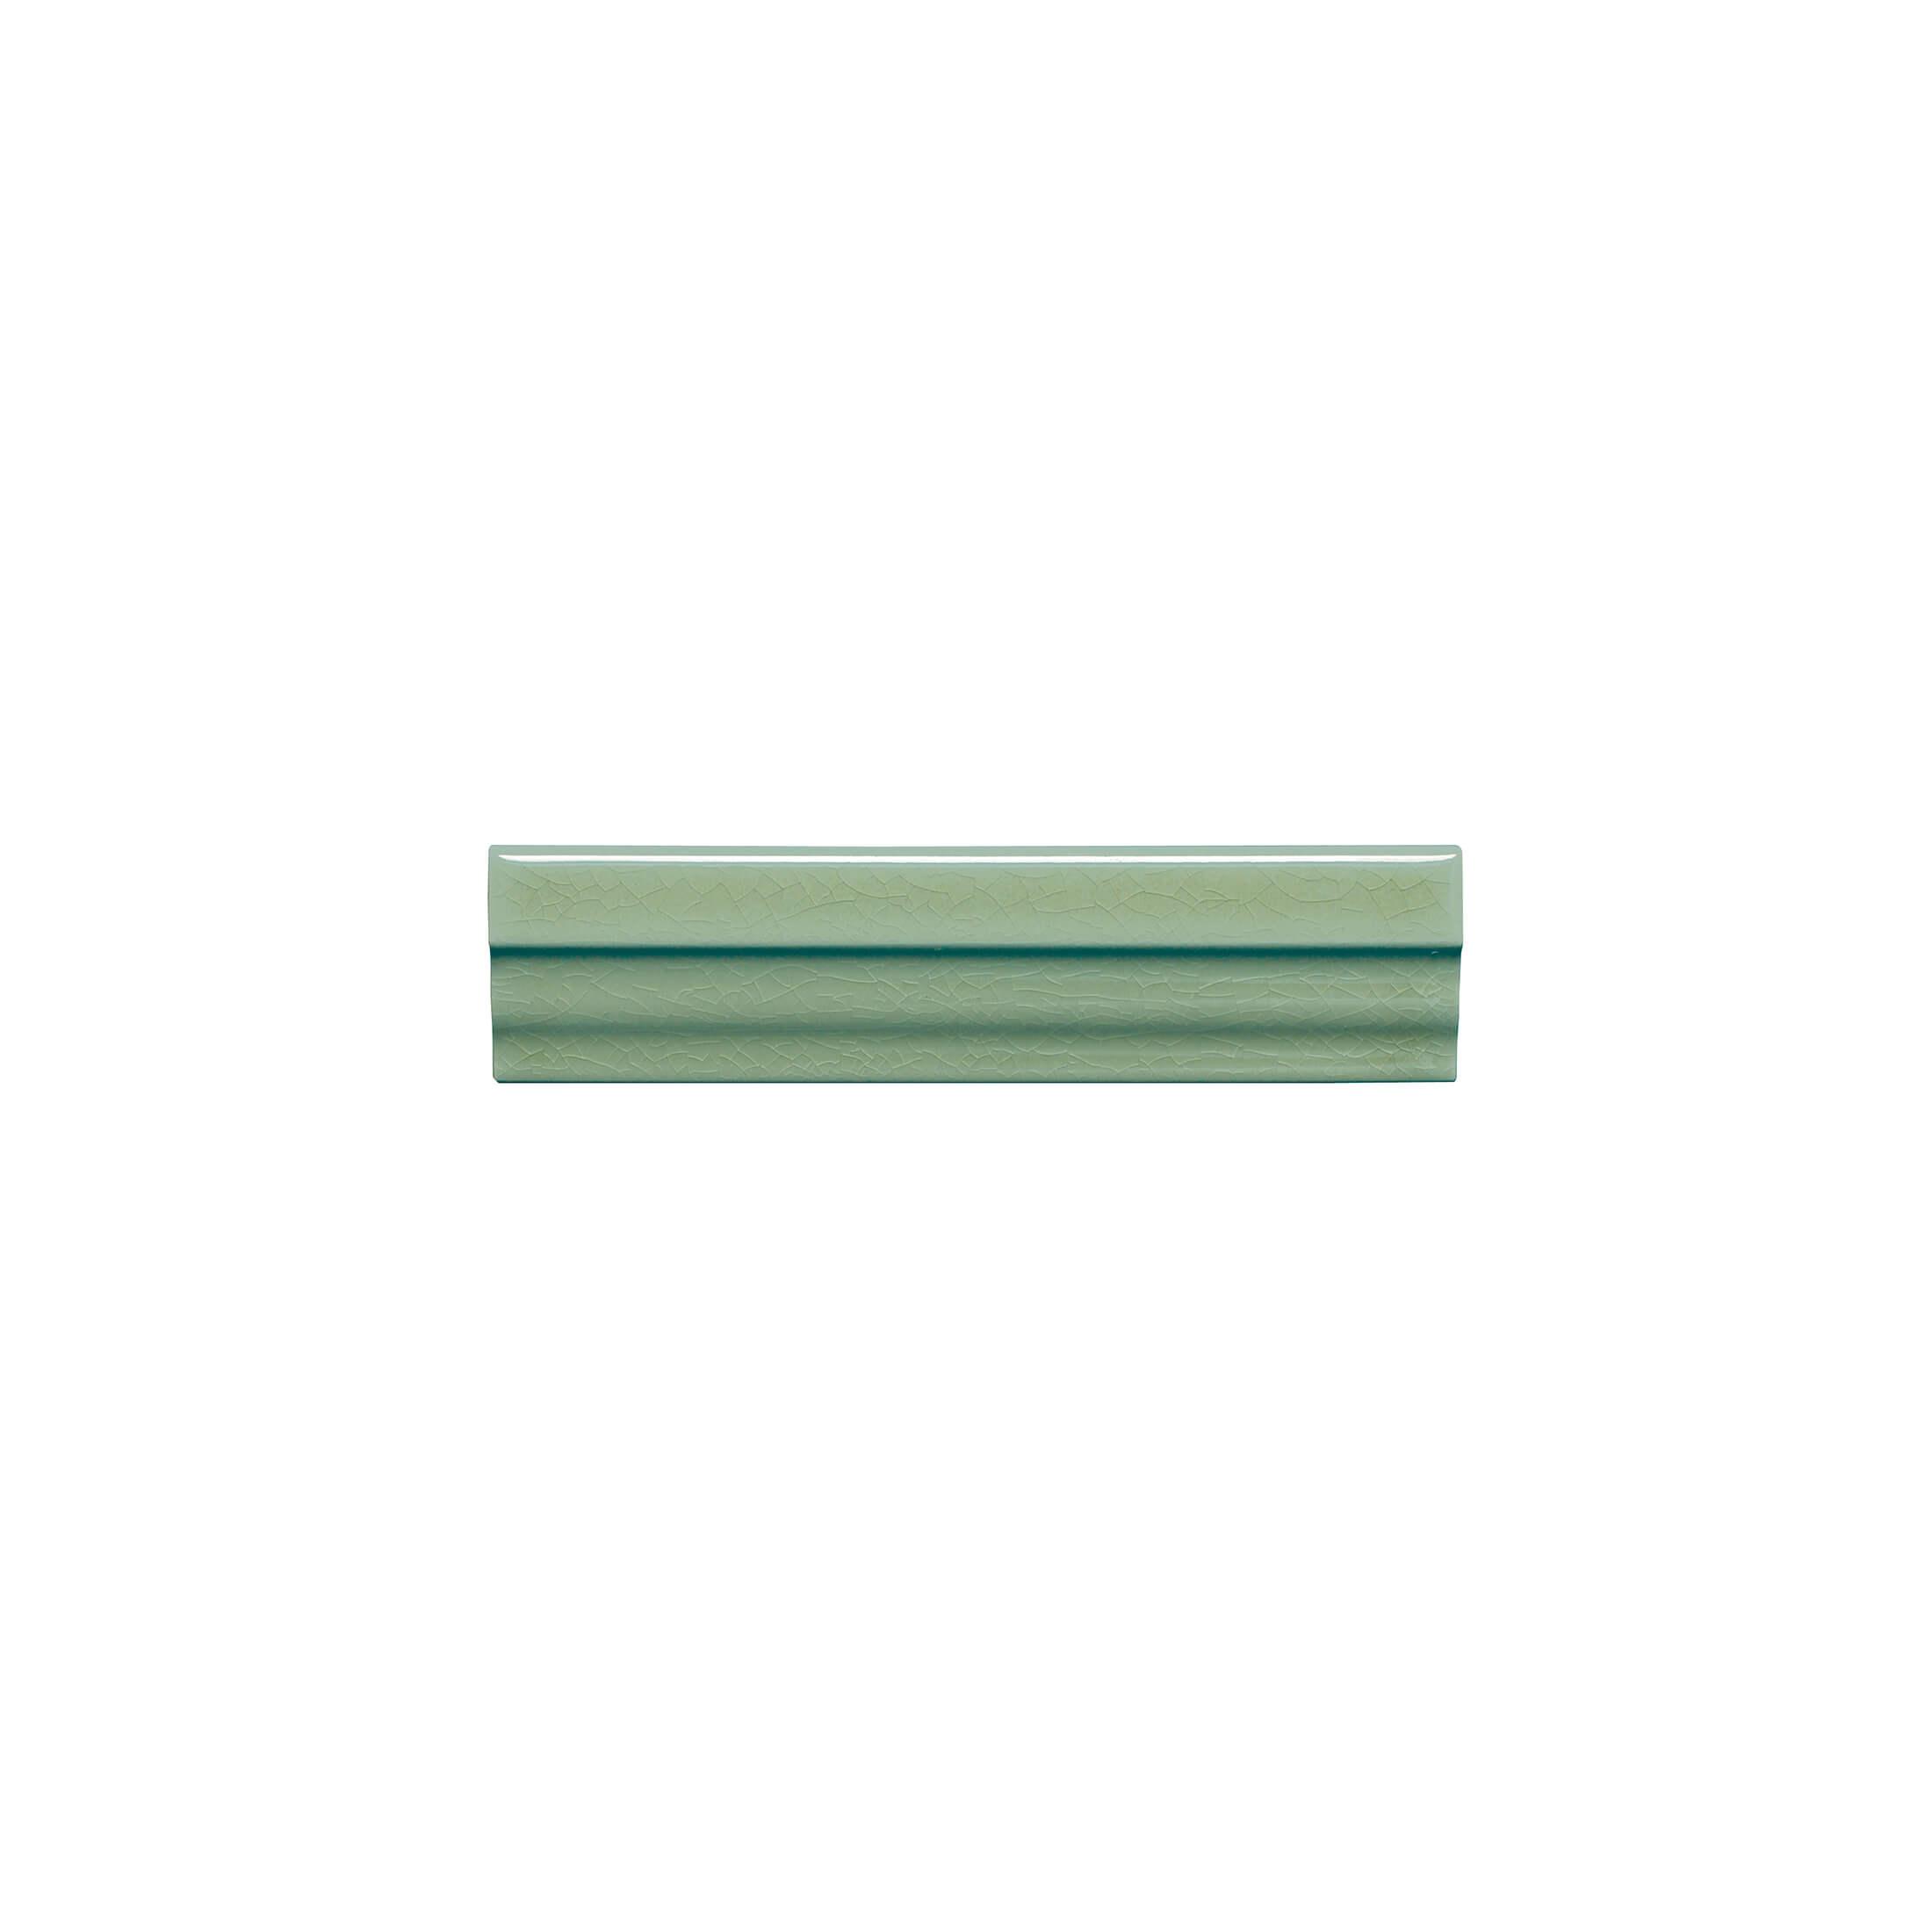 ADMO5222 - CORNISA CLASICA C/C - 3.5 cm X 15 cm